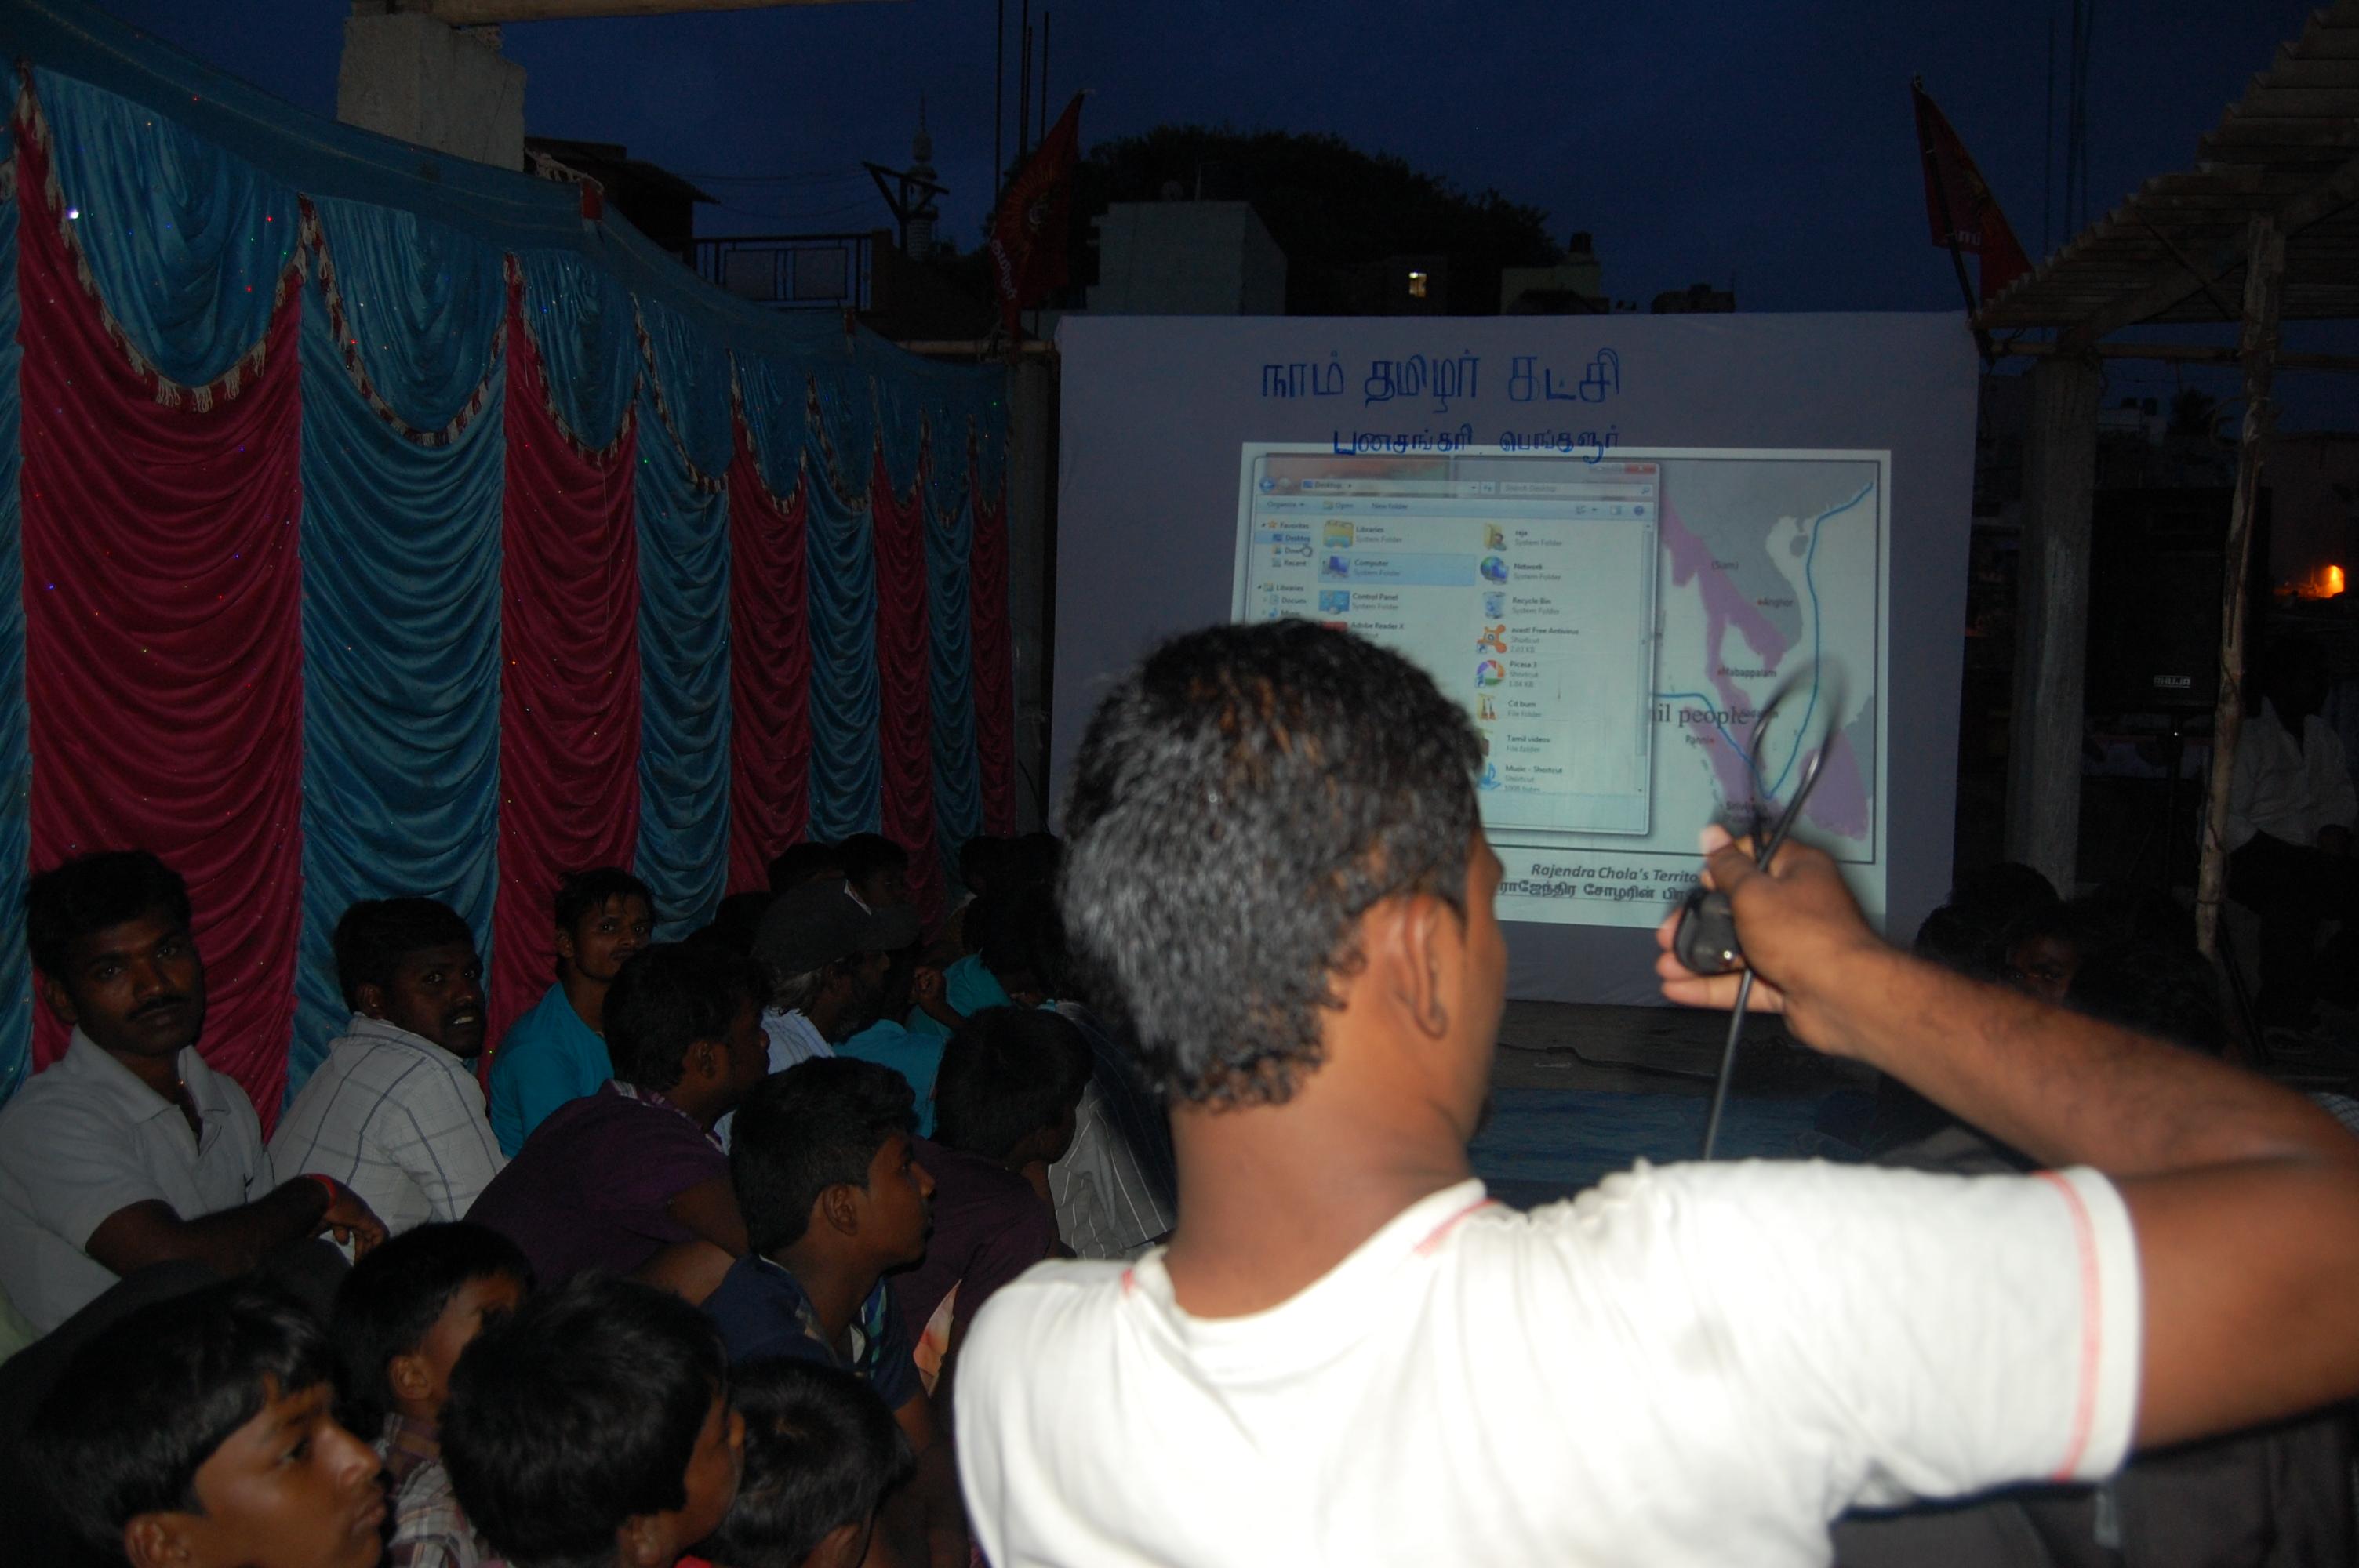 பெங்களூரில் நாம் தமிழர் கட்சி கலந்தாய்வு DSC 5007